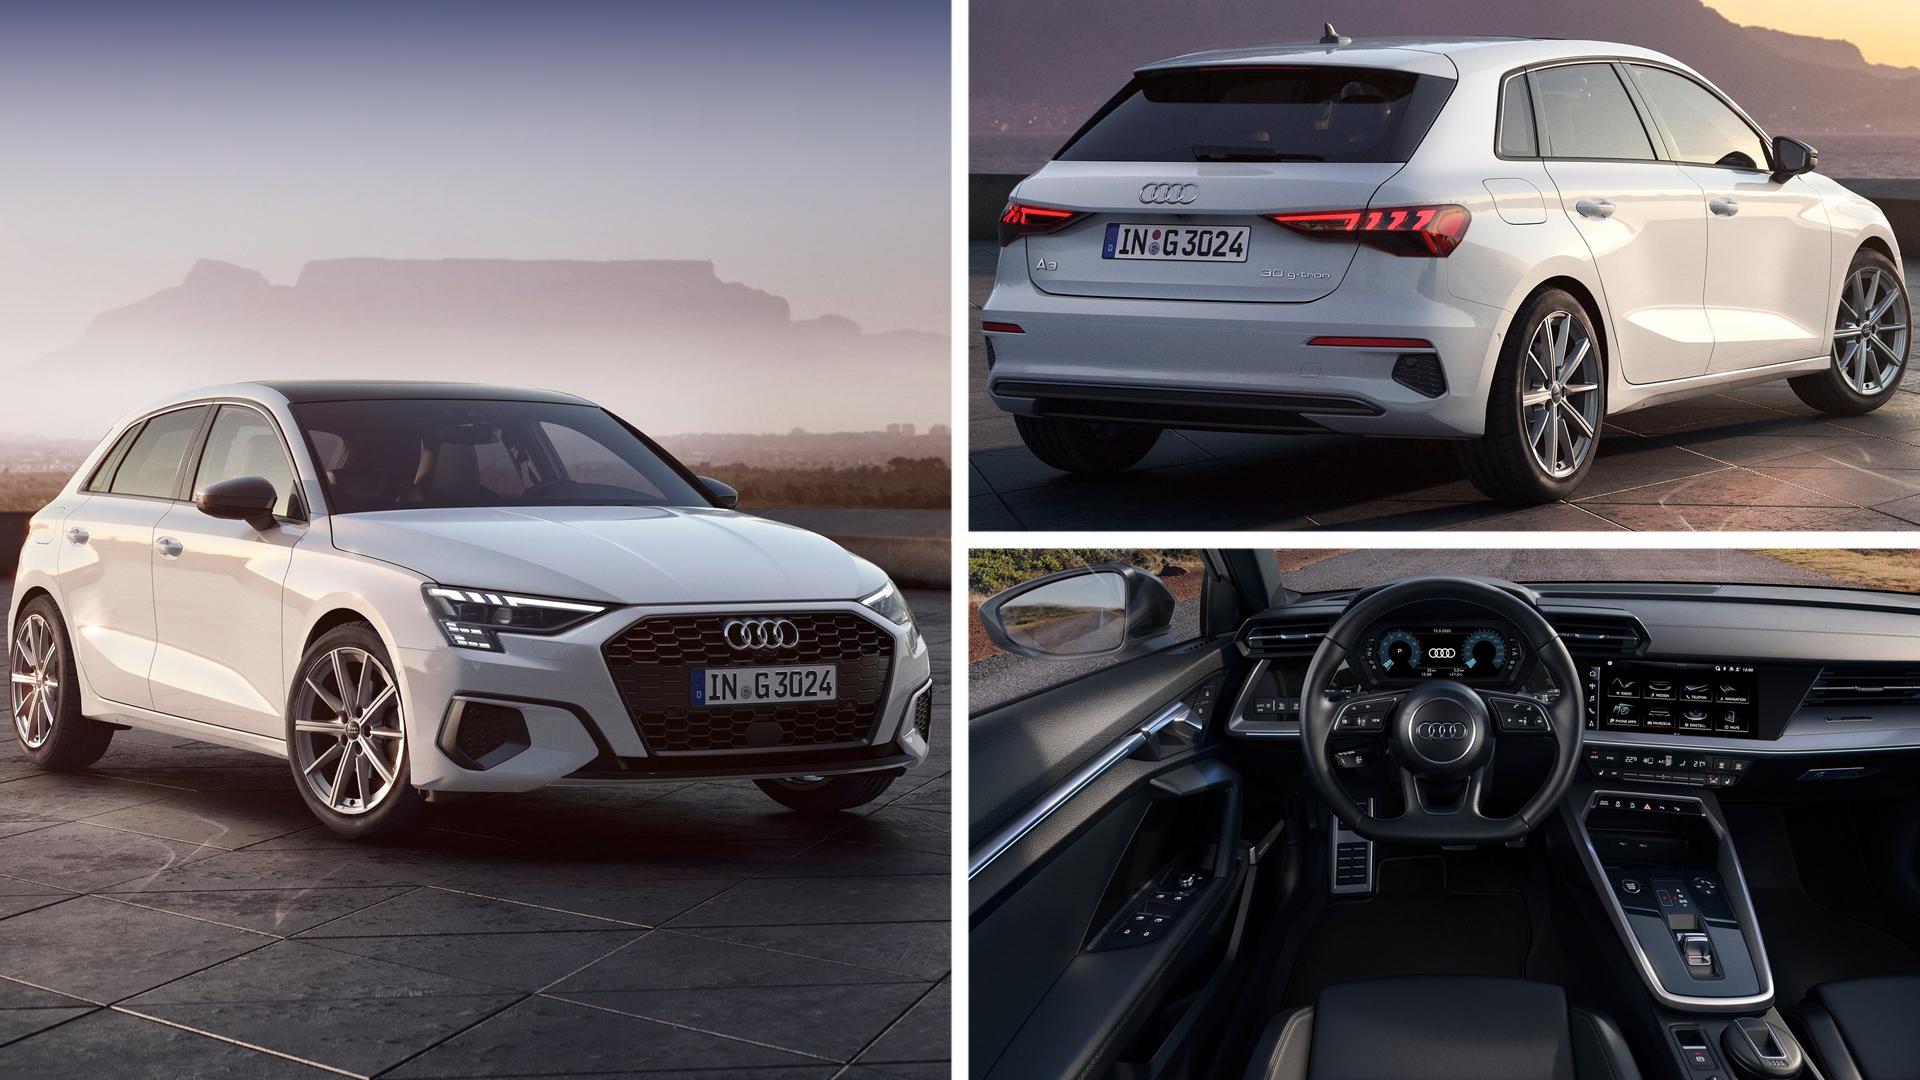 Audi A3 G-tron 2021